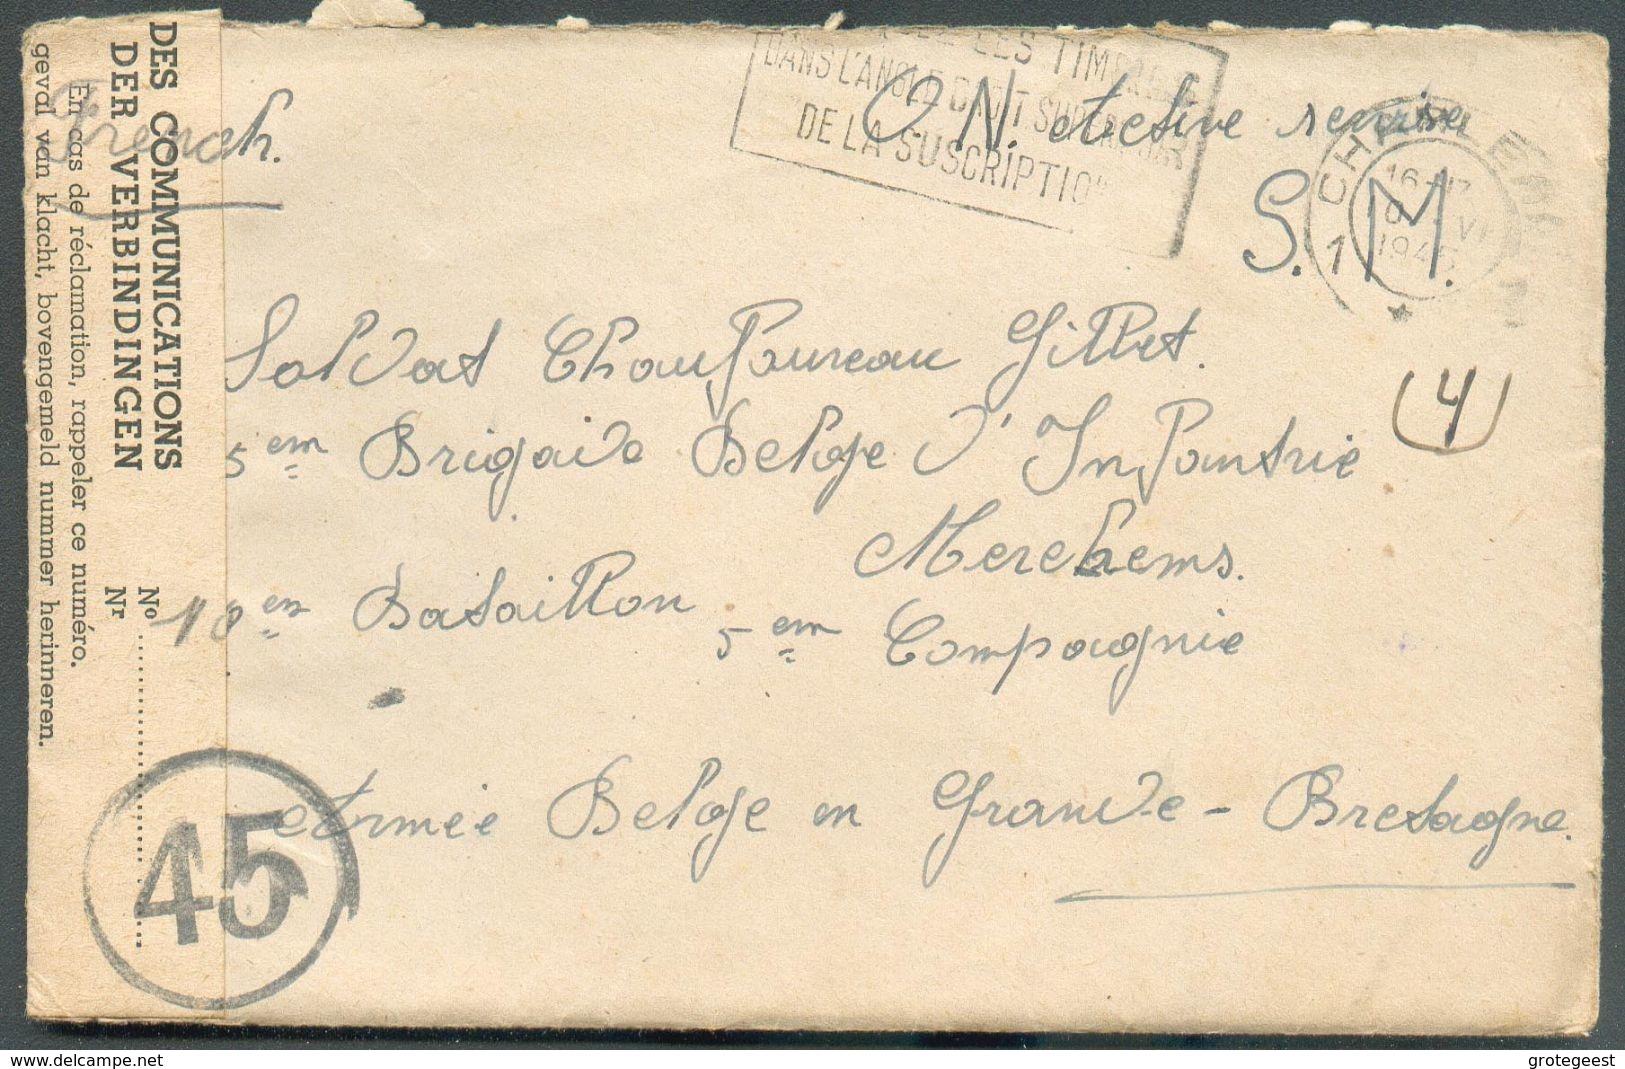 Env. De CHARLEROI Le 10-VI-1945  Au SOldat GILLET 5ème Brigade D'Infanterie 10è Bataillon 5ème Compganie A.B. En Grande- - Weltkrieg 1939-45